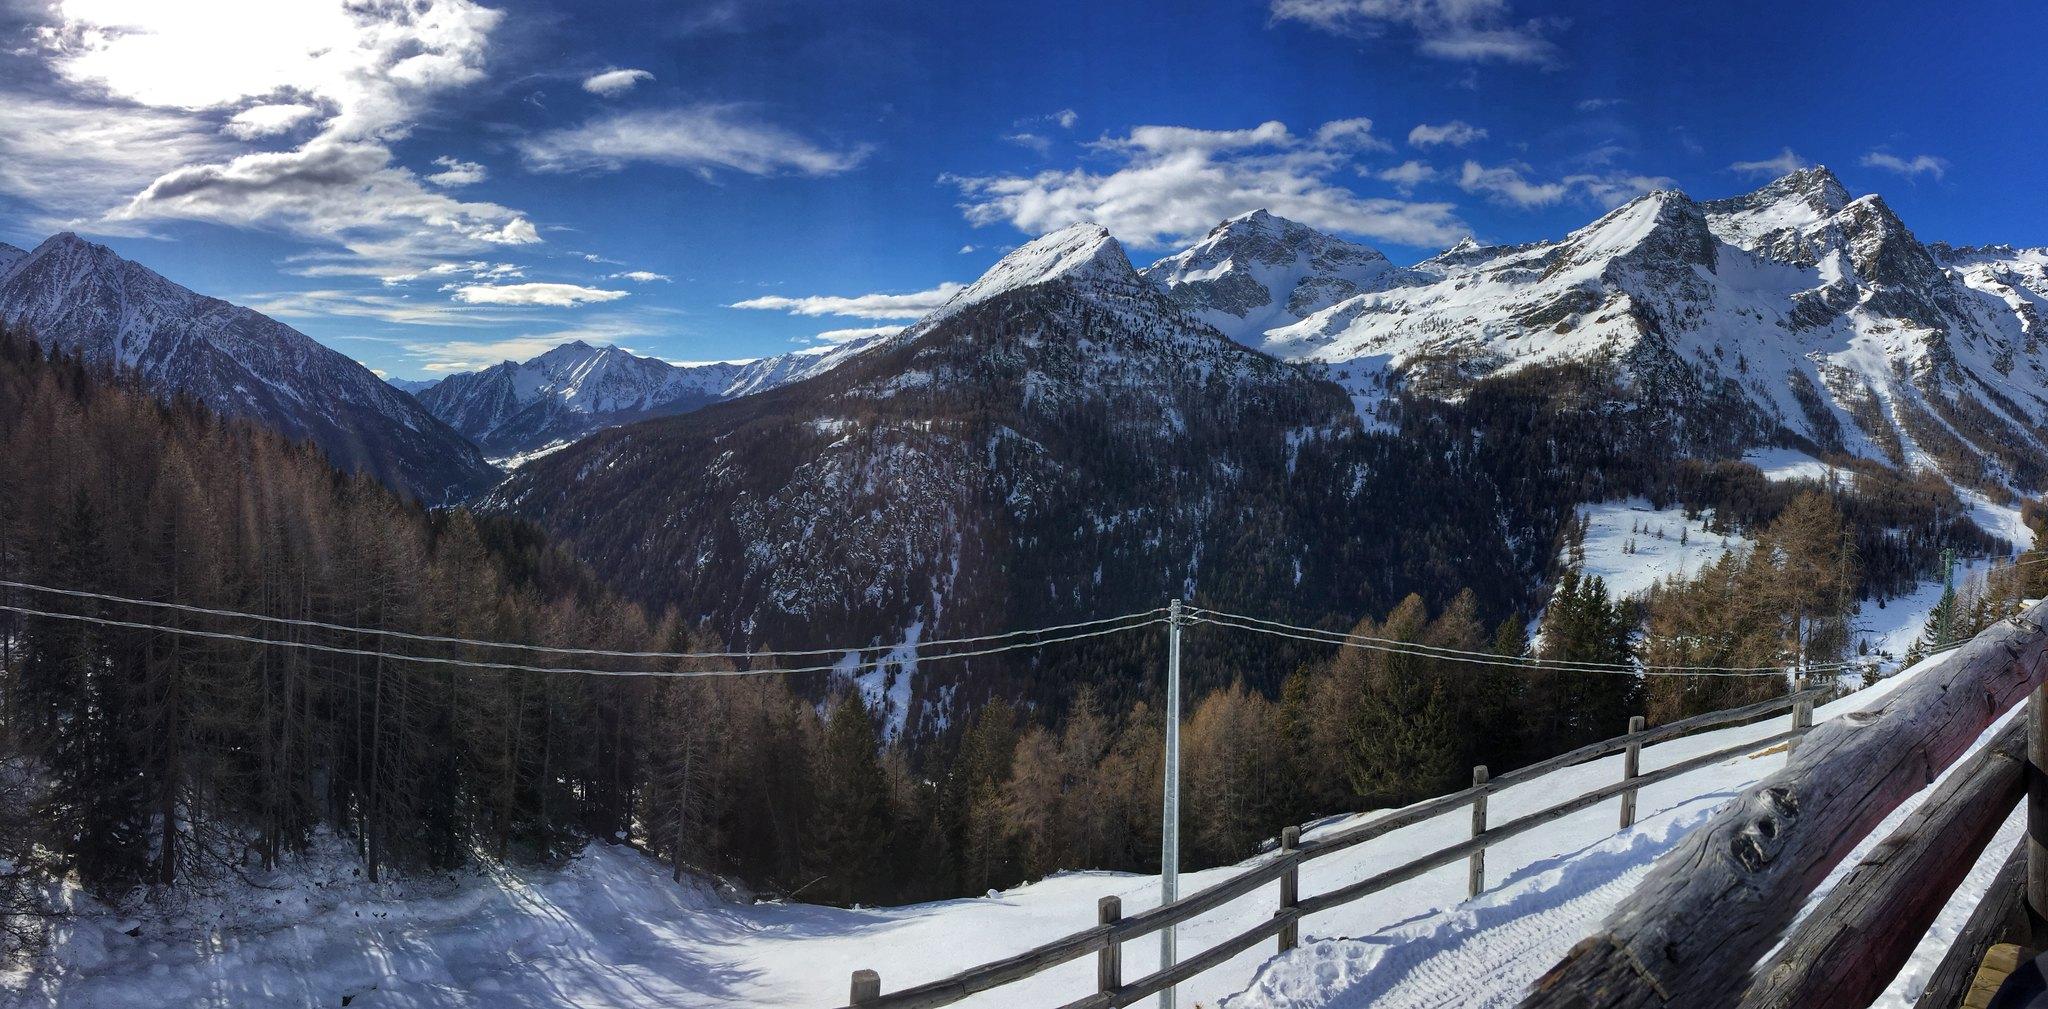 Capodanno 2020 montagna in Italia: le mete imperidibli